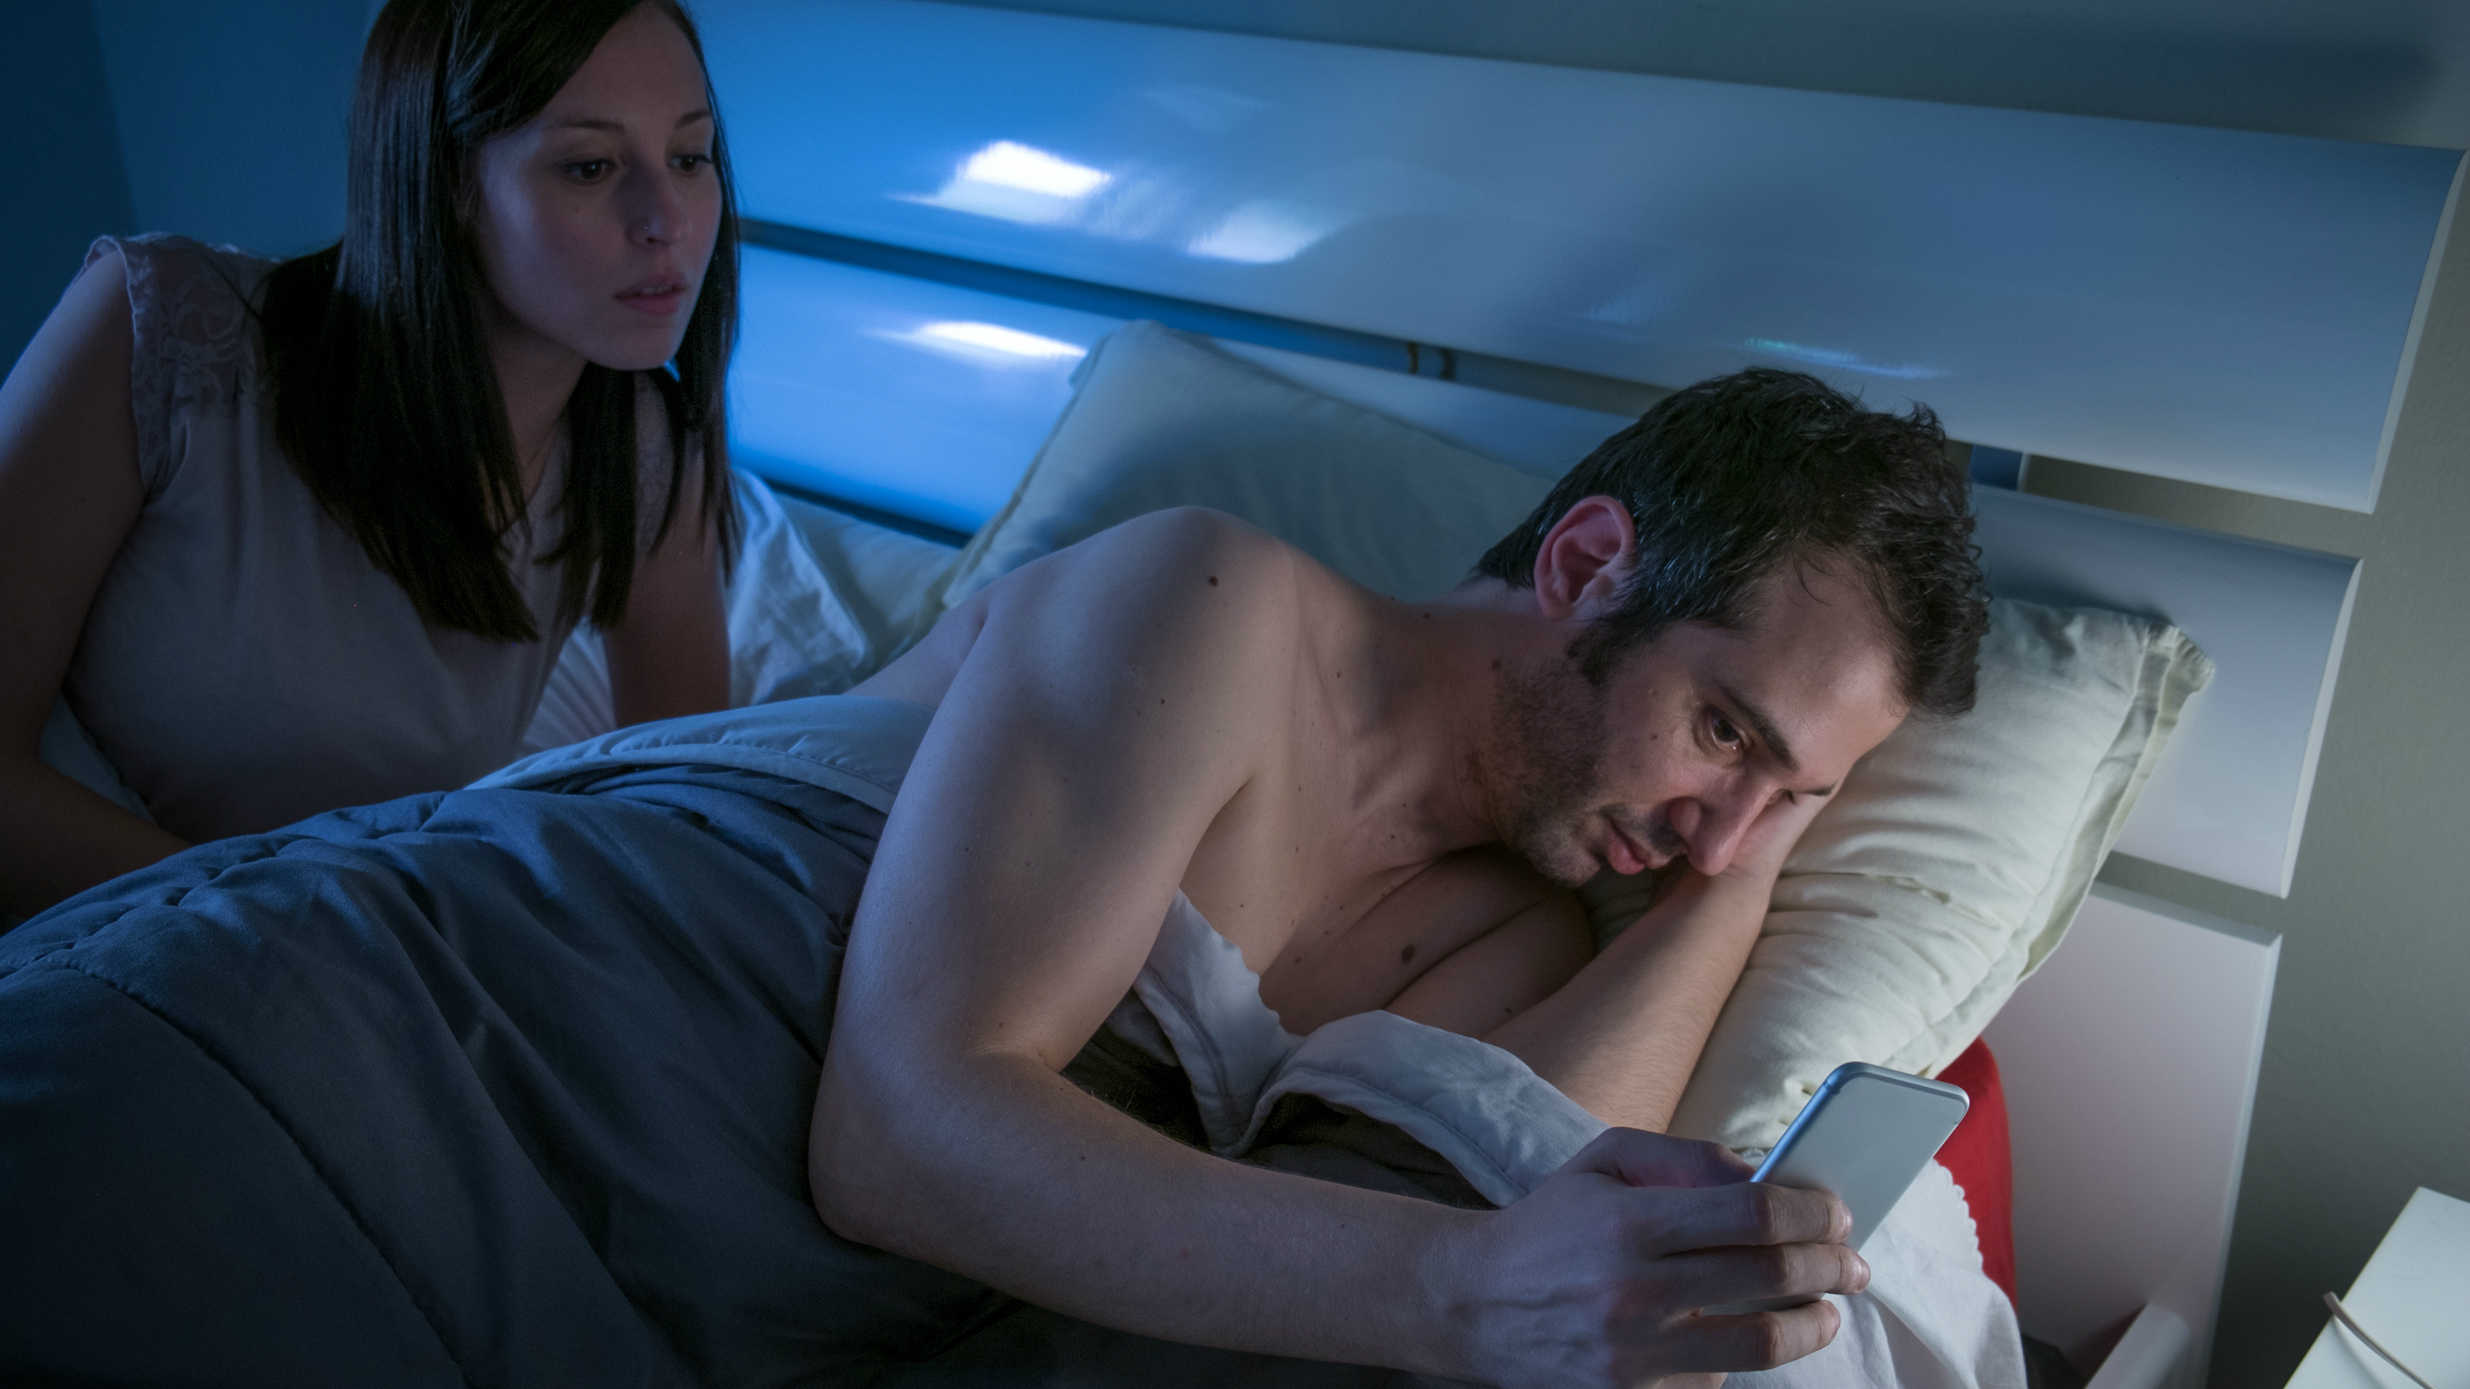 nézni felnőtt pornót meleg izom szex